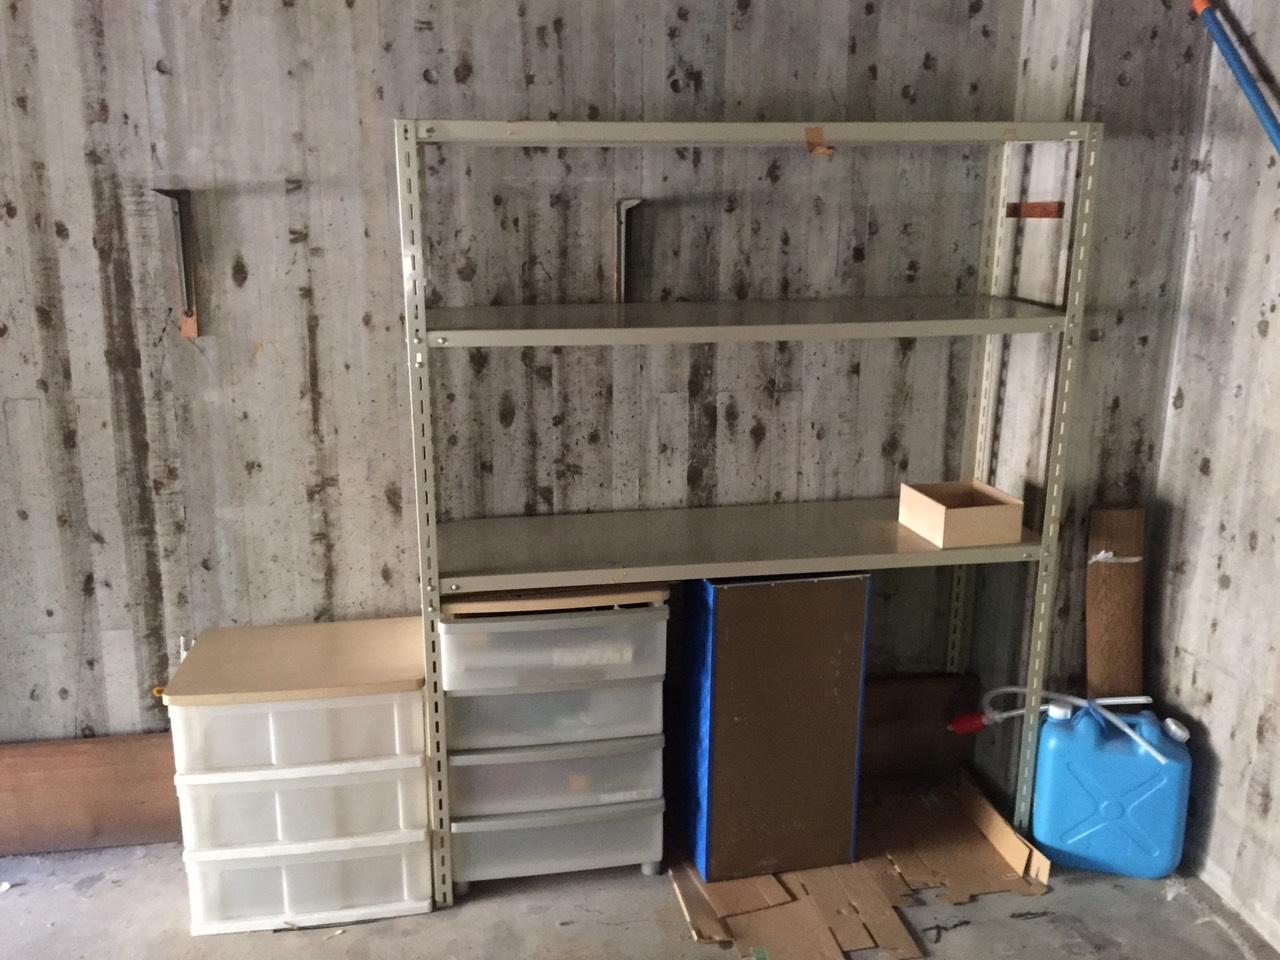 【愛知県名古屋市緑区】重量棚、衣装ケースなどの回収作業